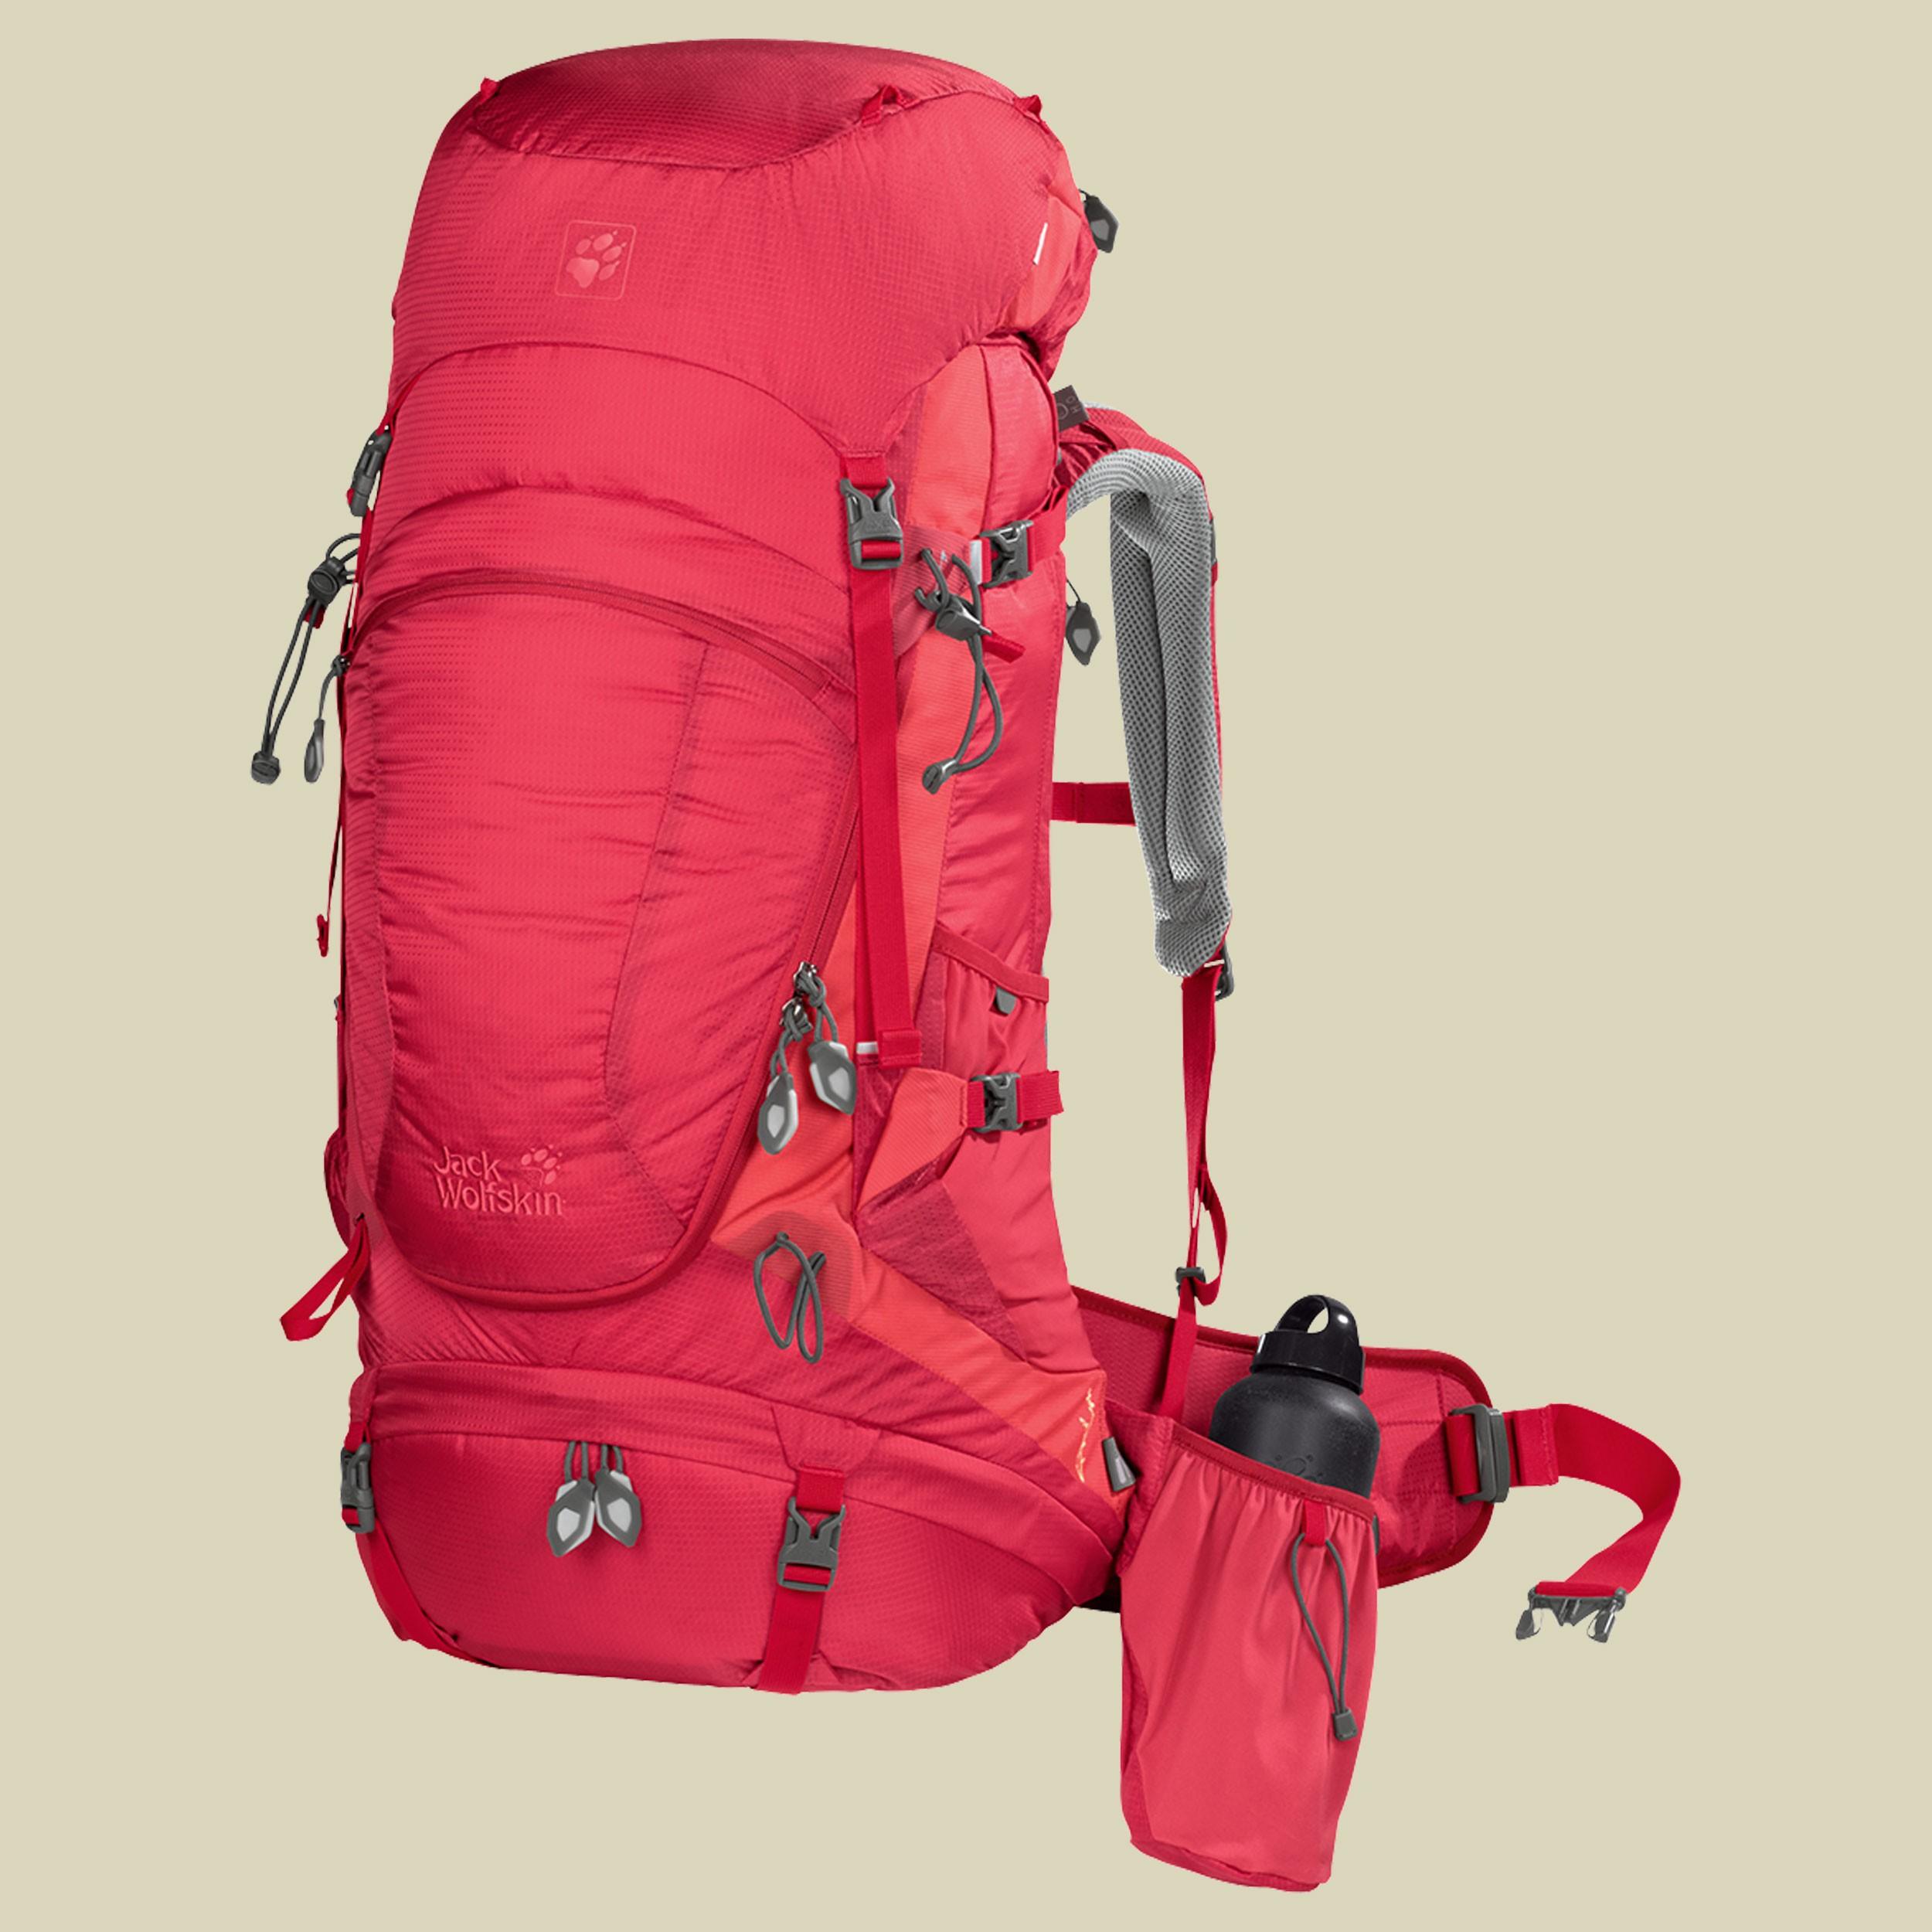 Highland Trail XT 45 Women